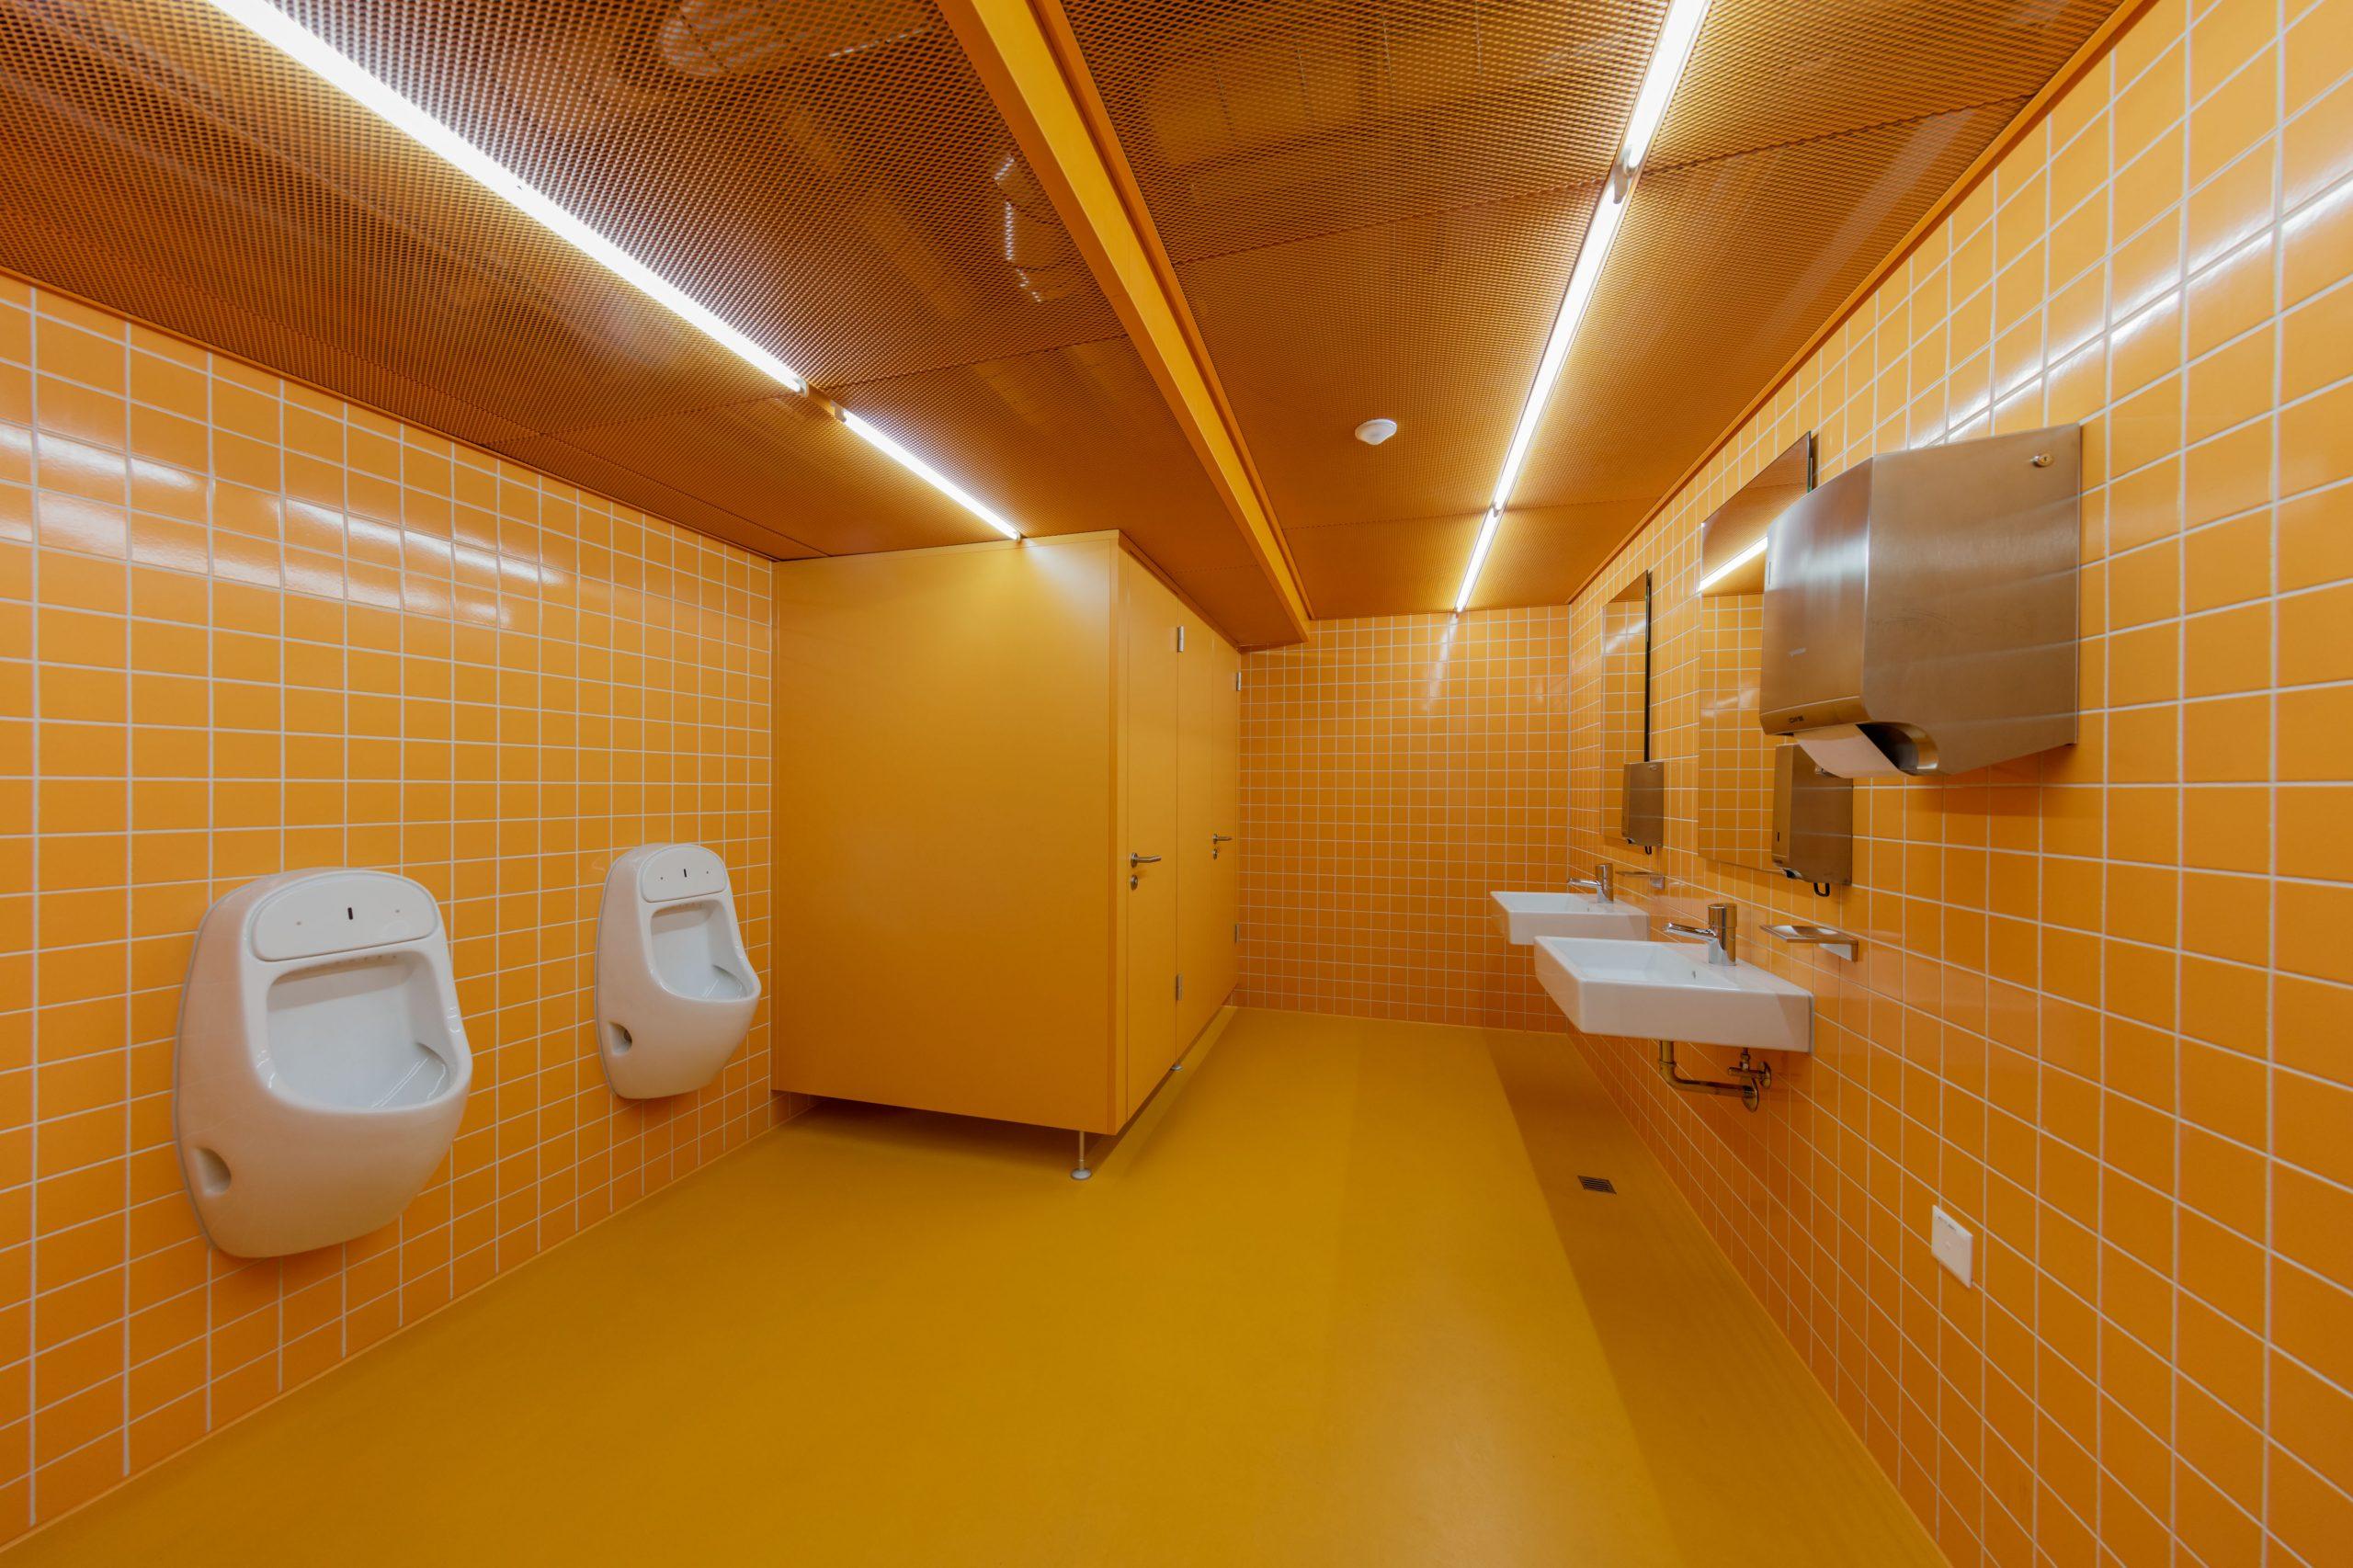 Trennwandsystem von Arotec in einer Toilette